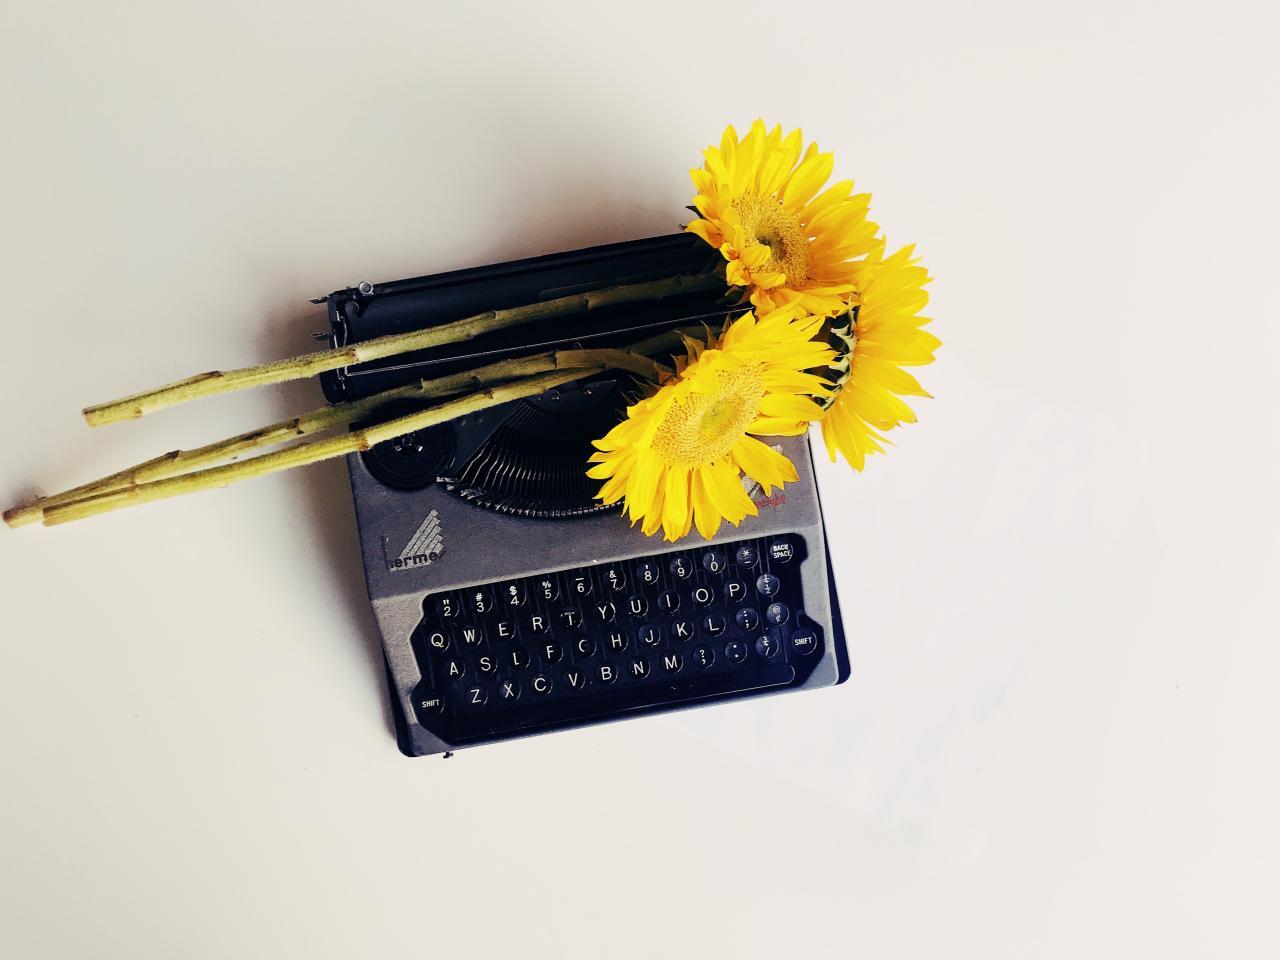 Schreibmaschine mit gelben Blumen